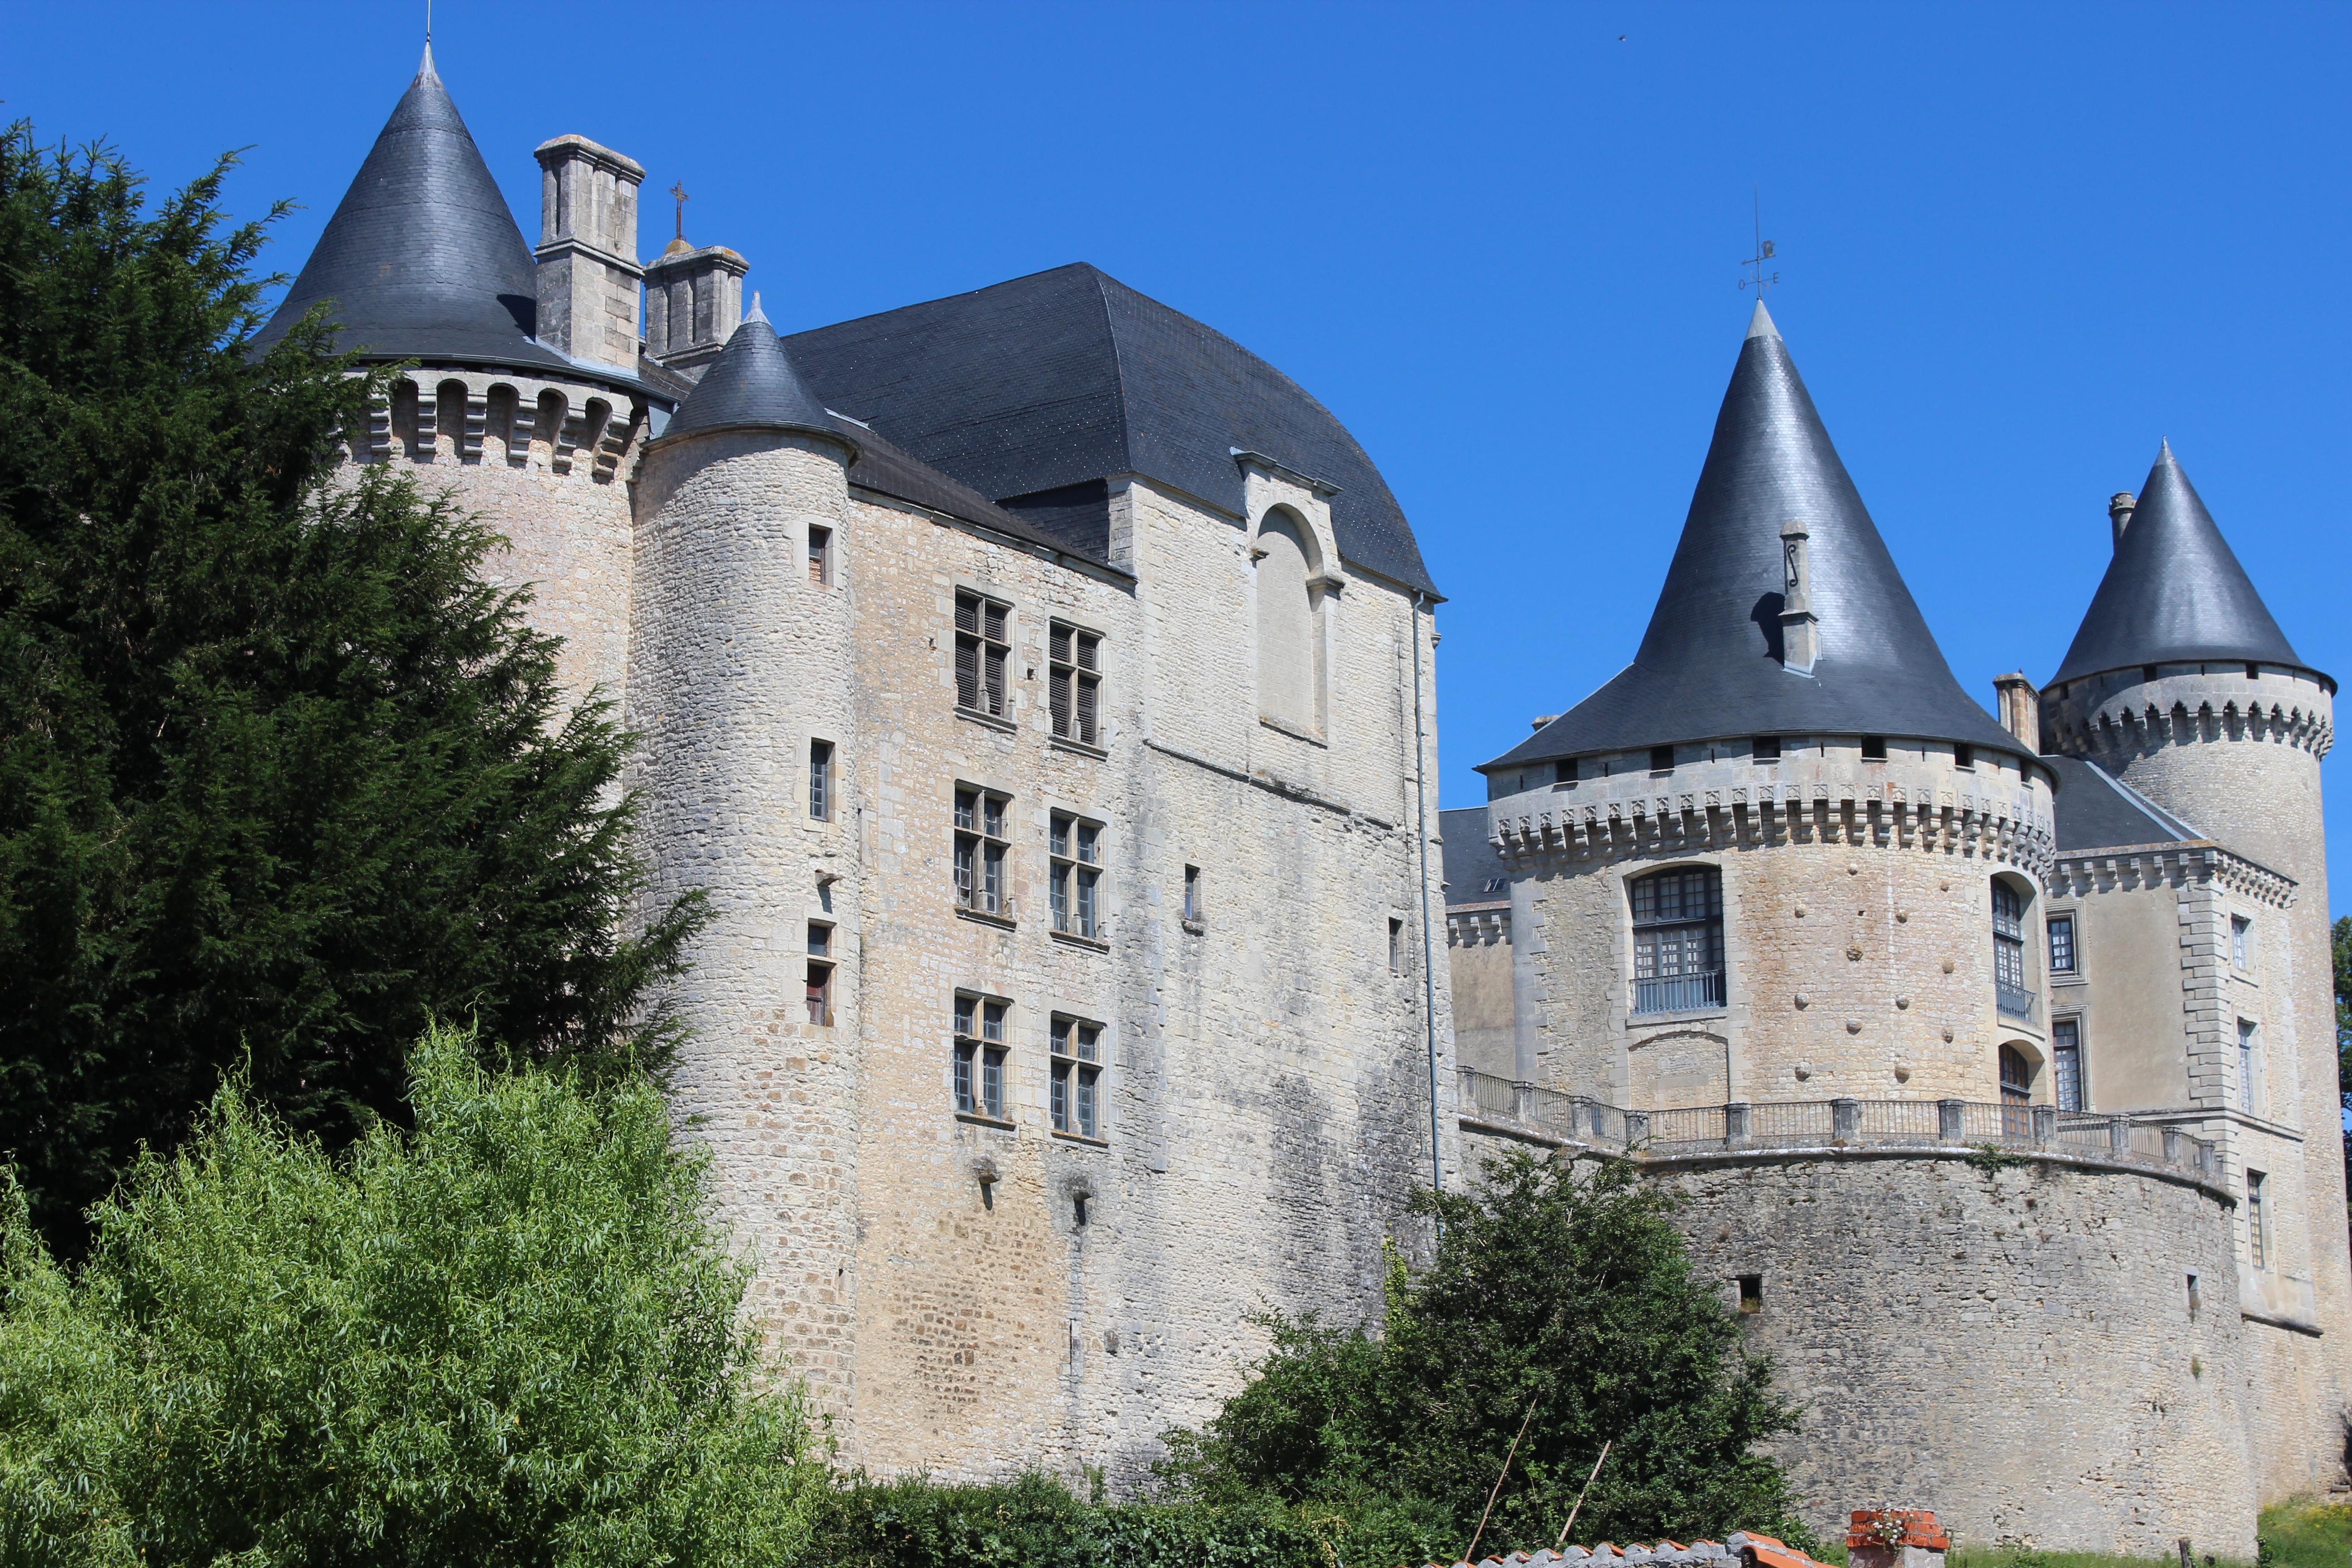 Chateau de Verteuil sur Charente